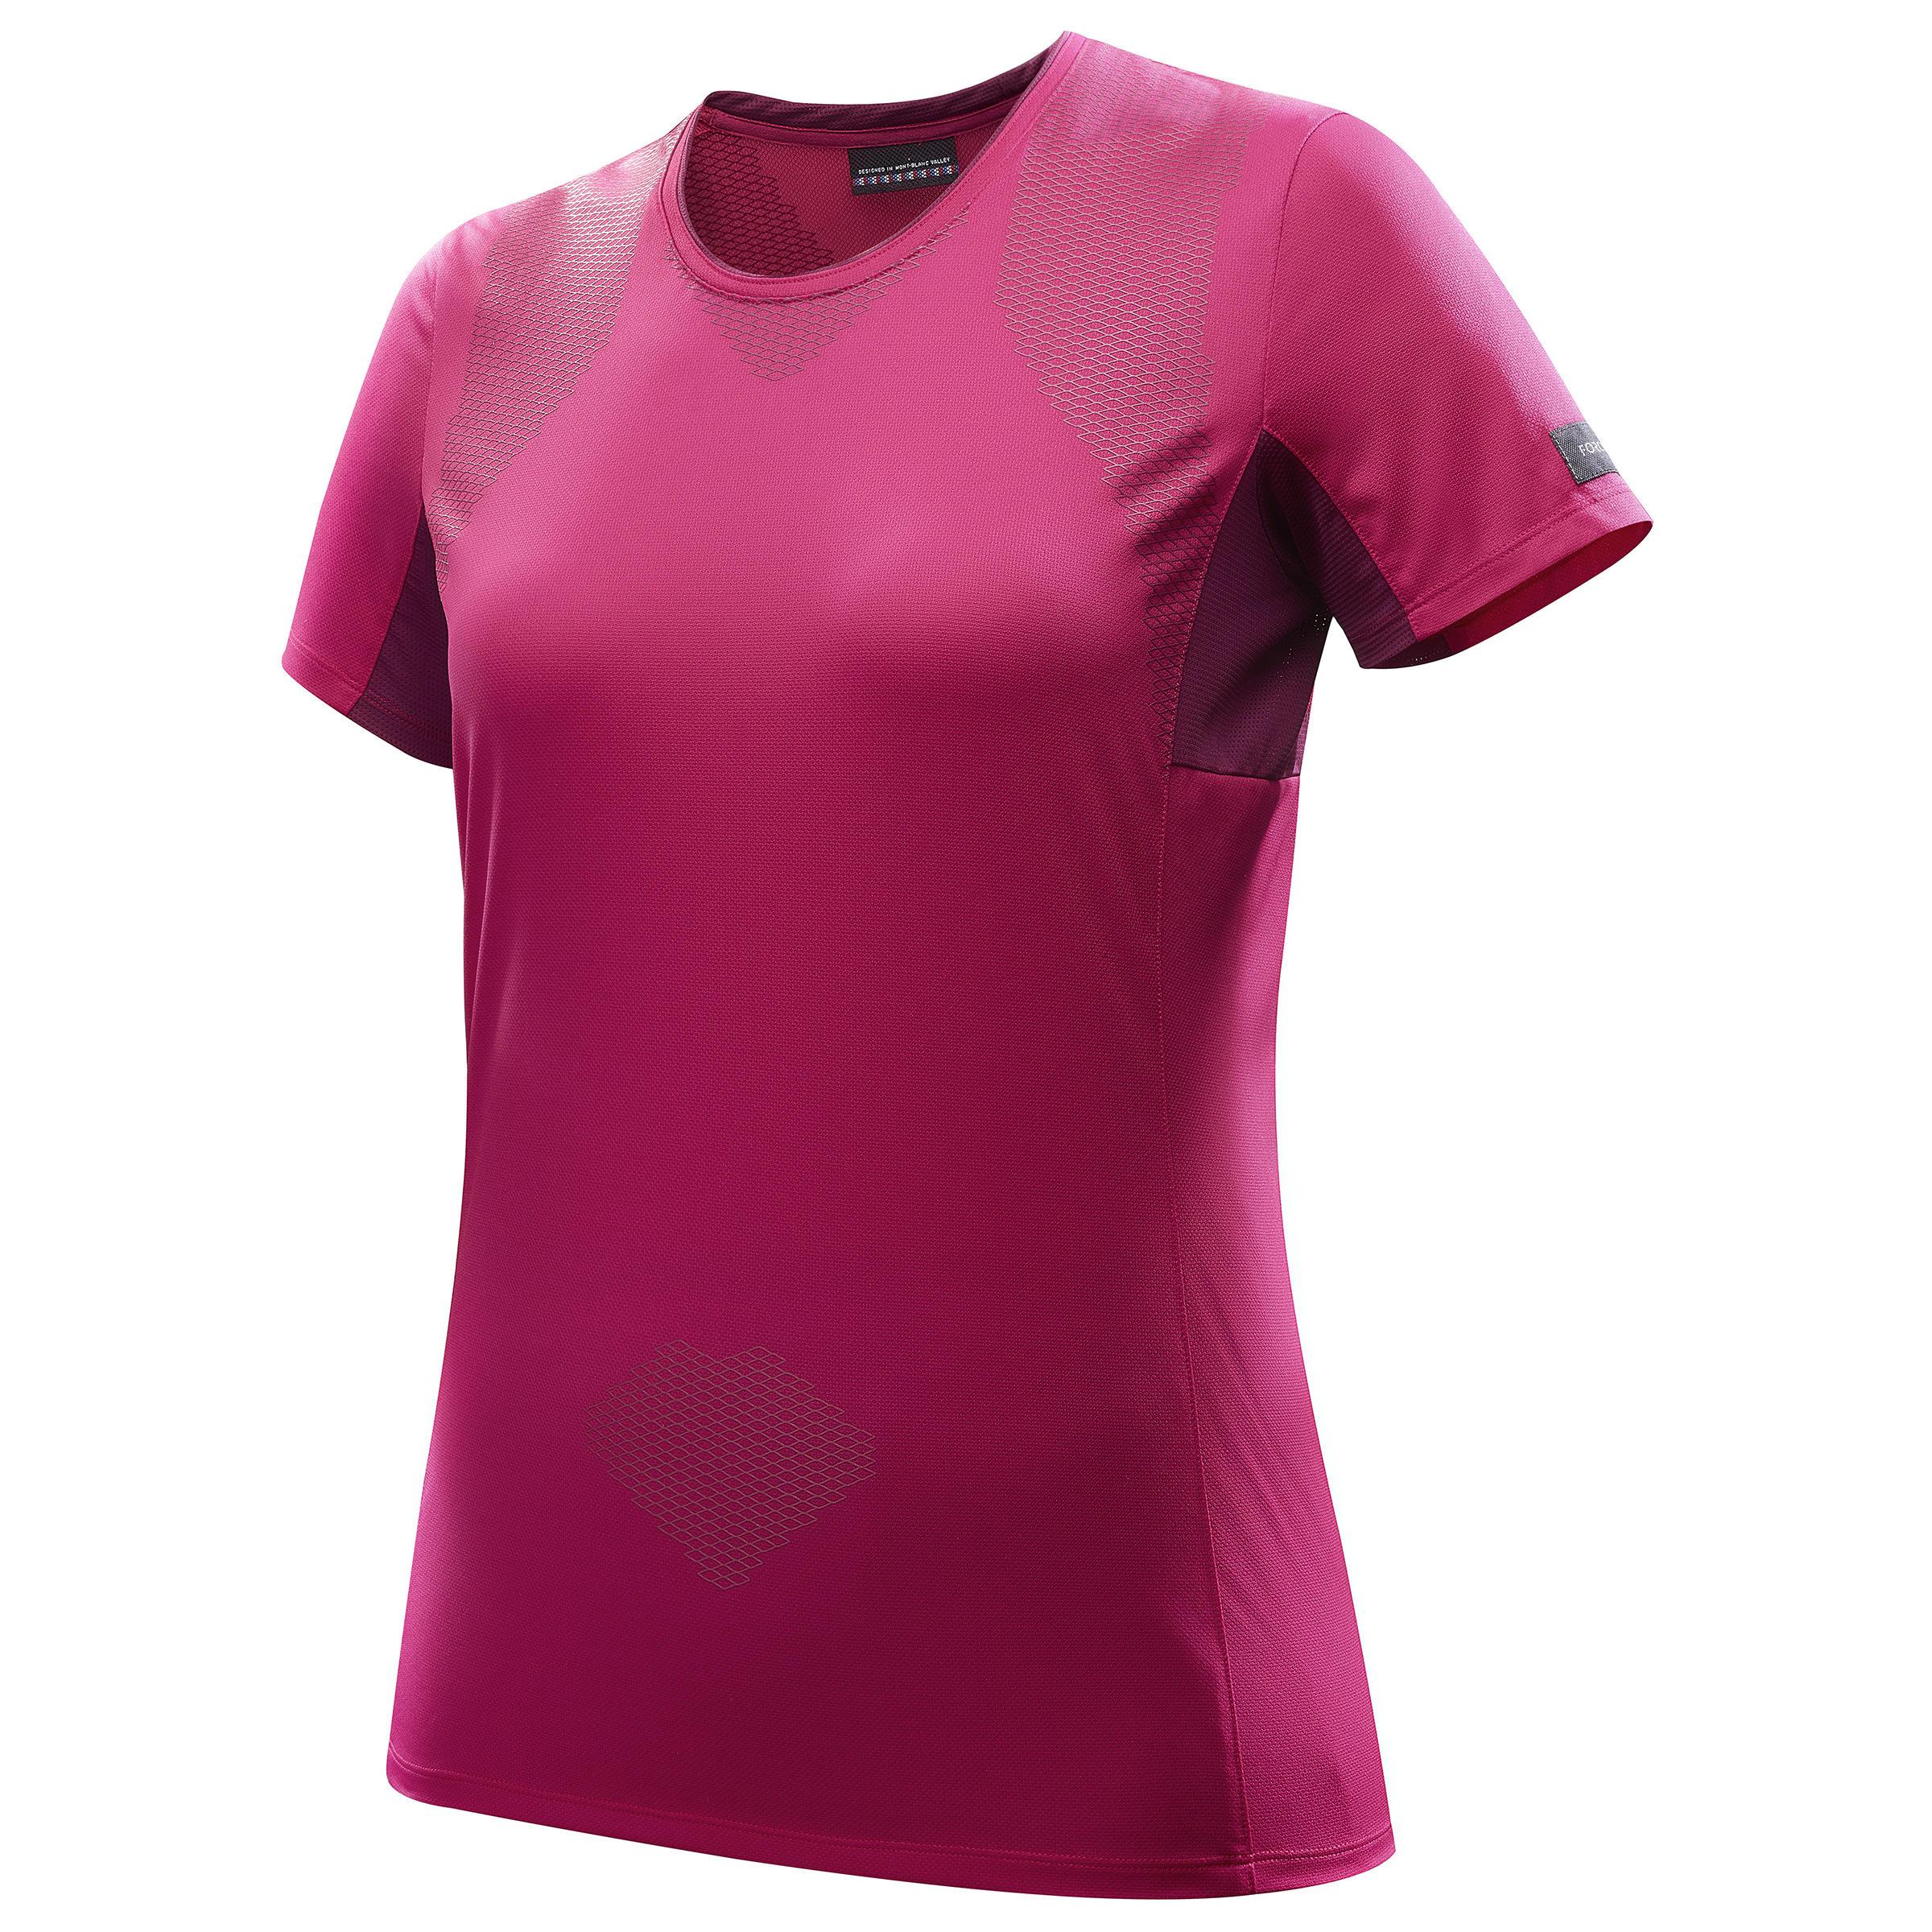 Trek Women's Short-Sleeved Mountain Trekking T-Shirt - Pink